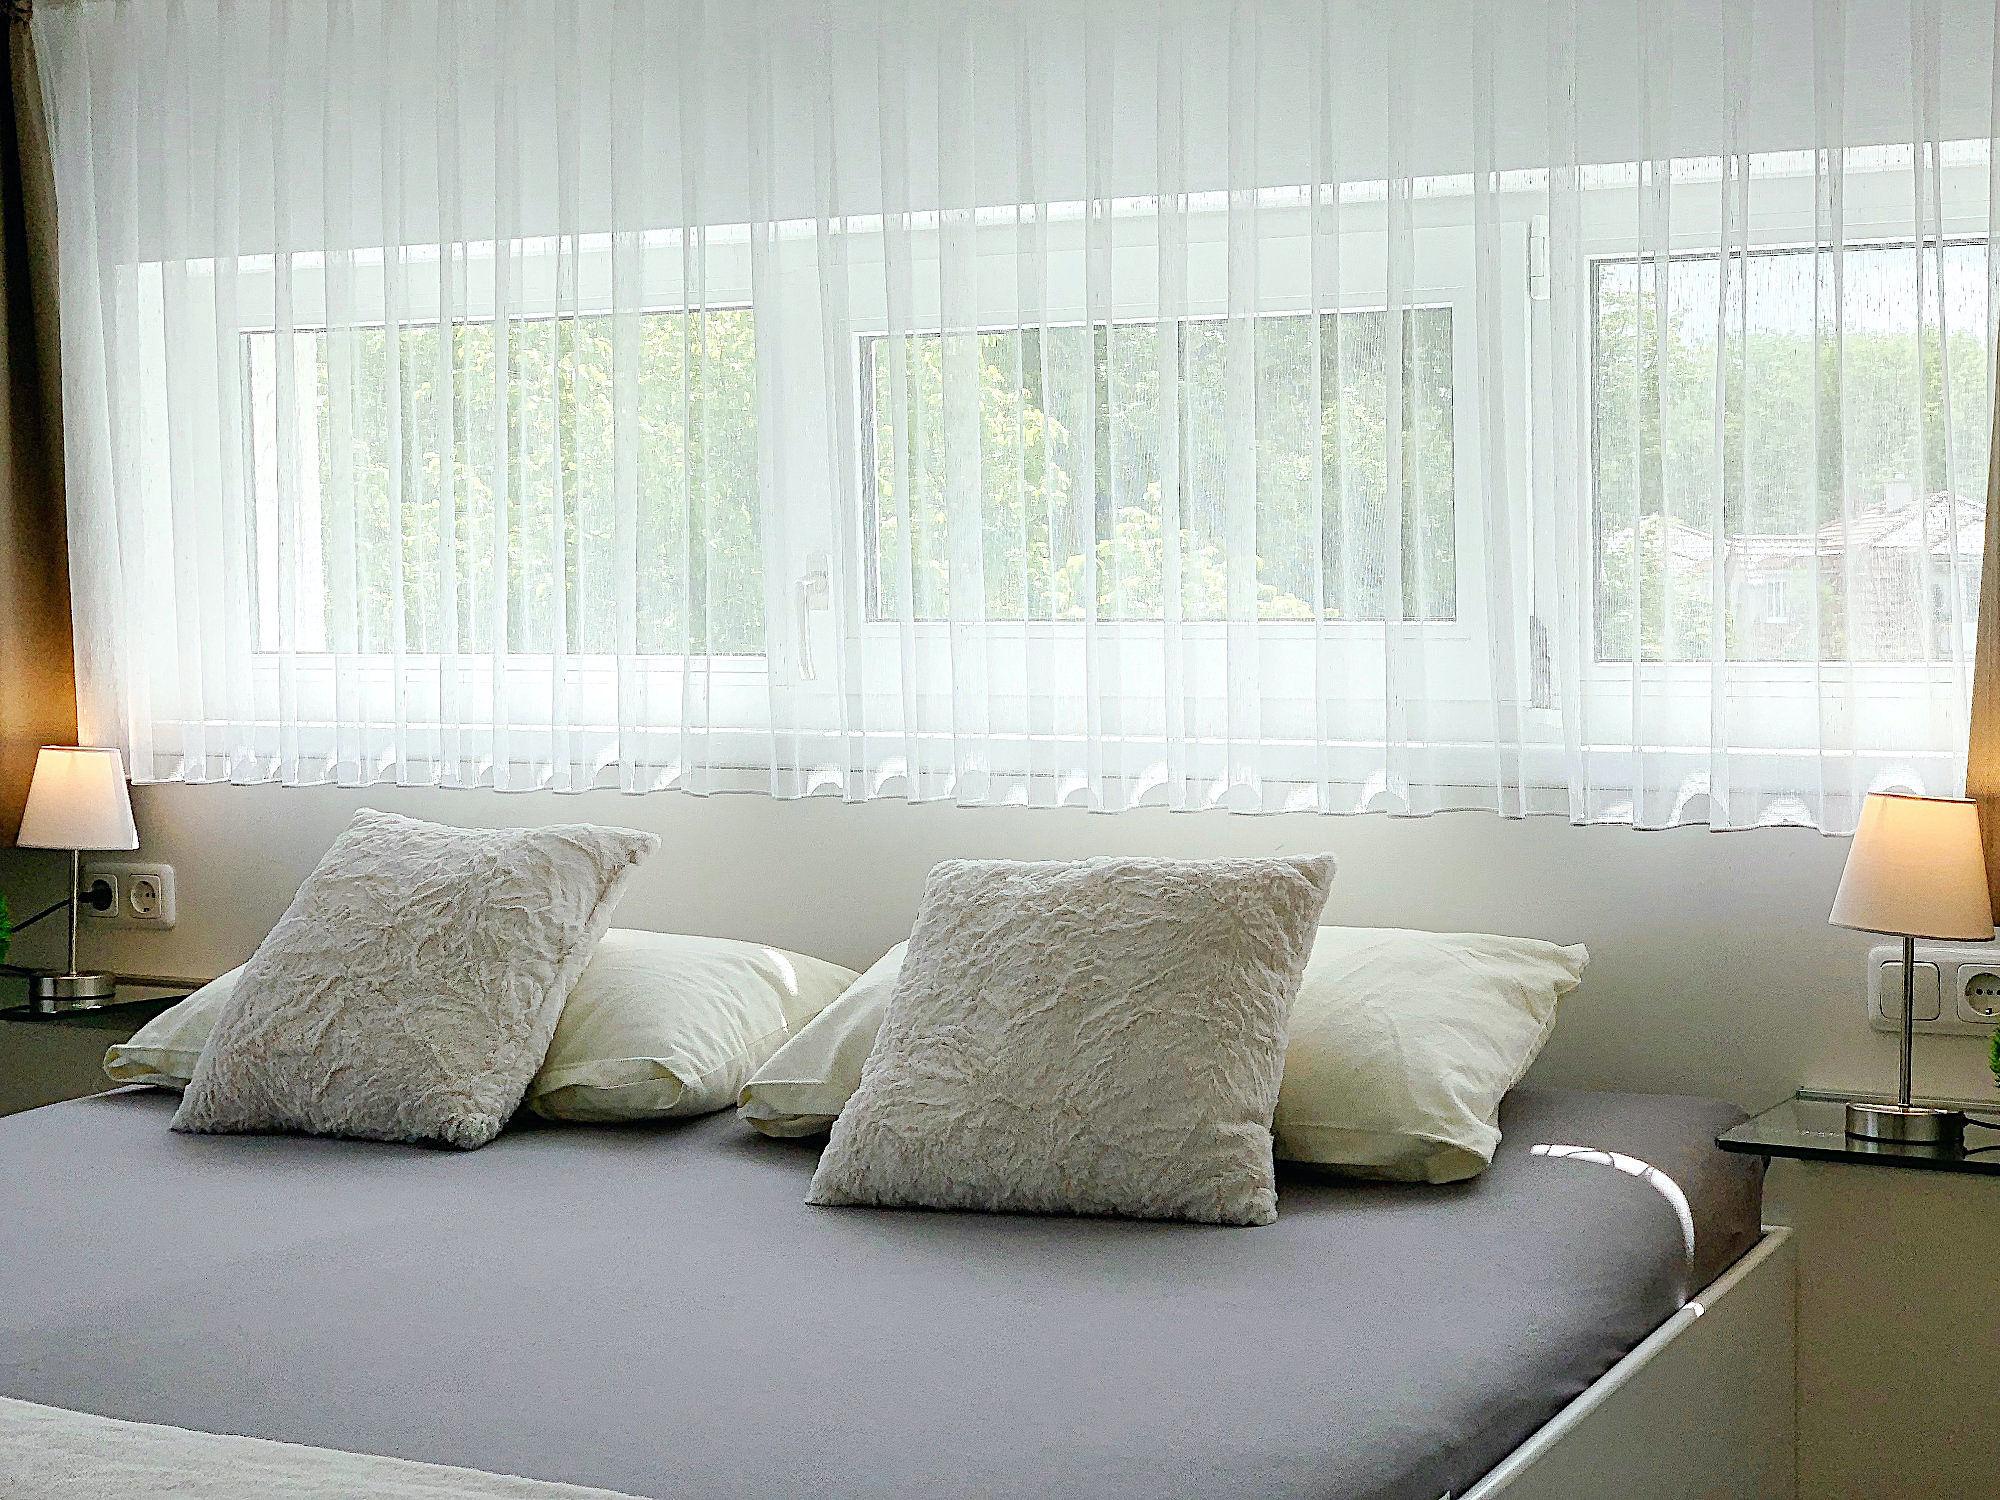 Zweites Schlafzimmer mit Doppelbett, Kopfteil mit Kopfkissen, dahinter ein breites Fenster